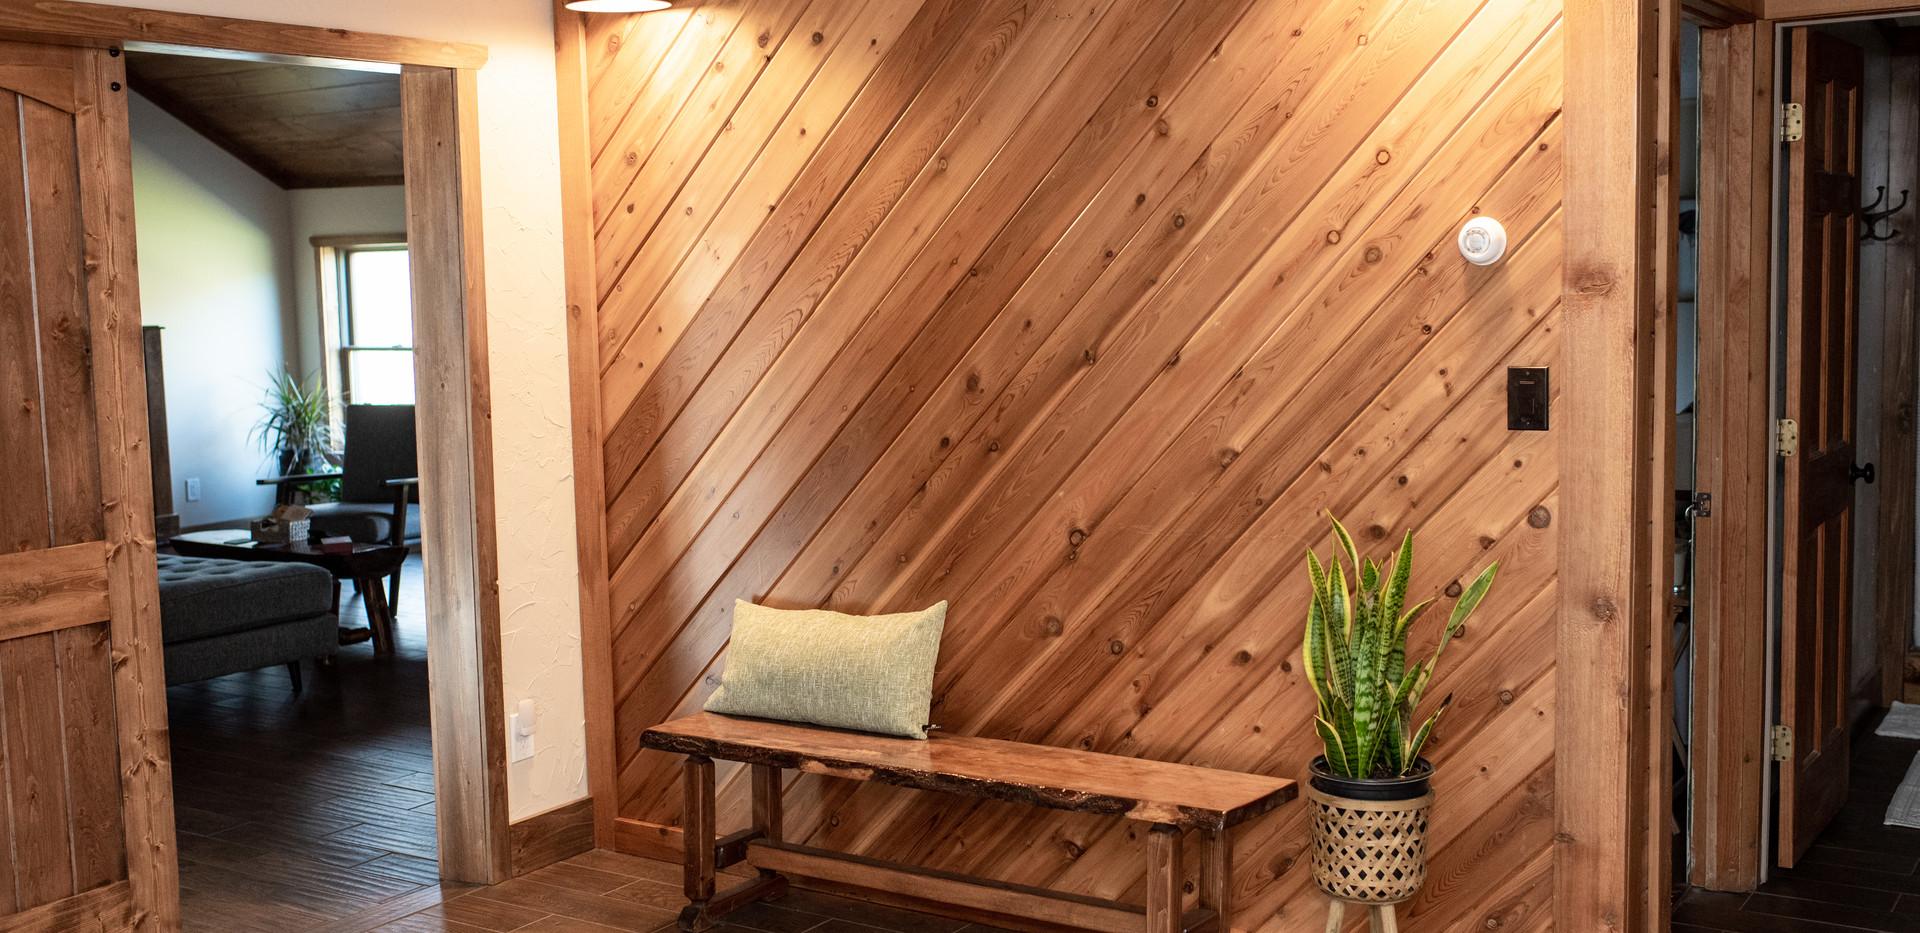 Private Lounge Area